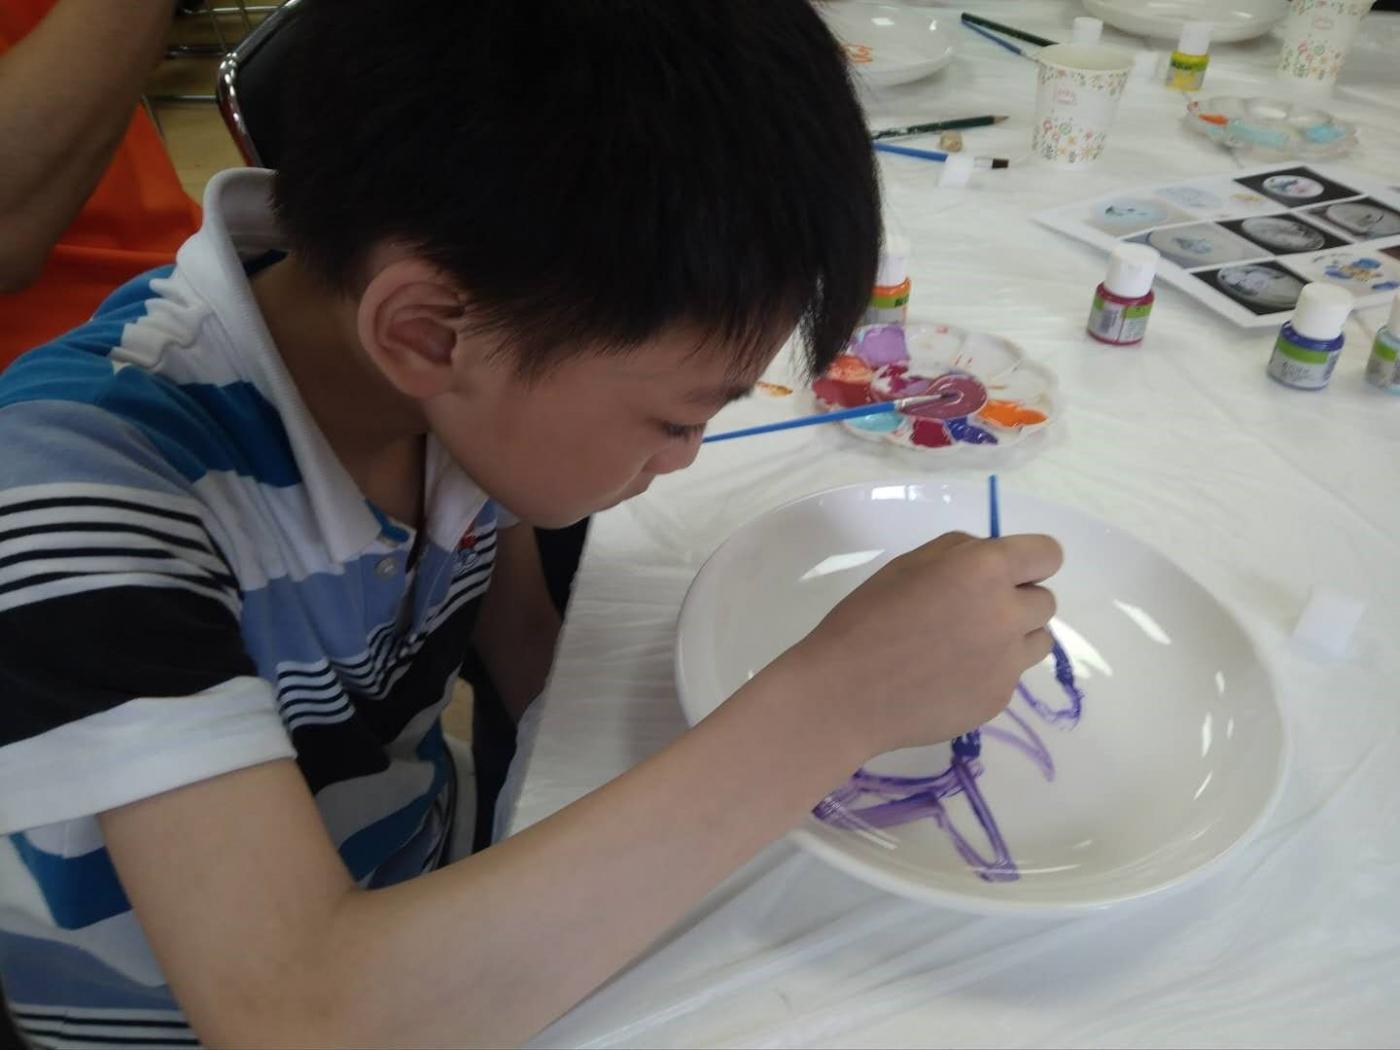 瓷盘彩色绘画_图1-13